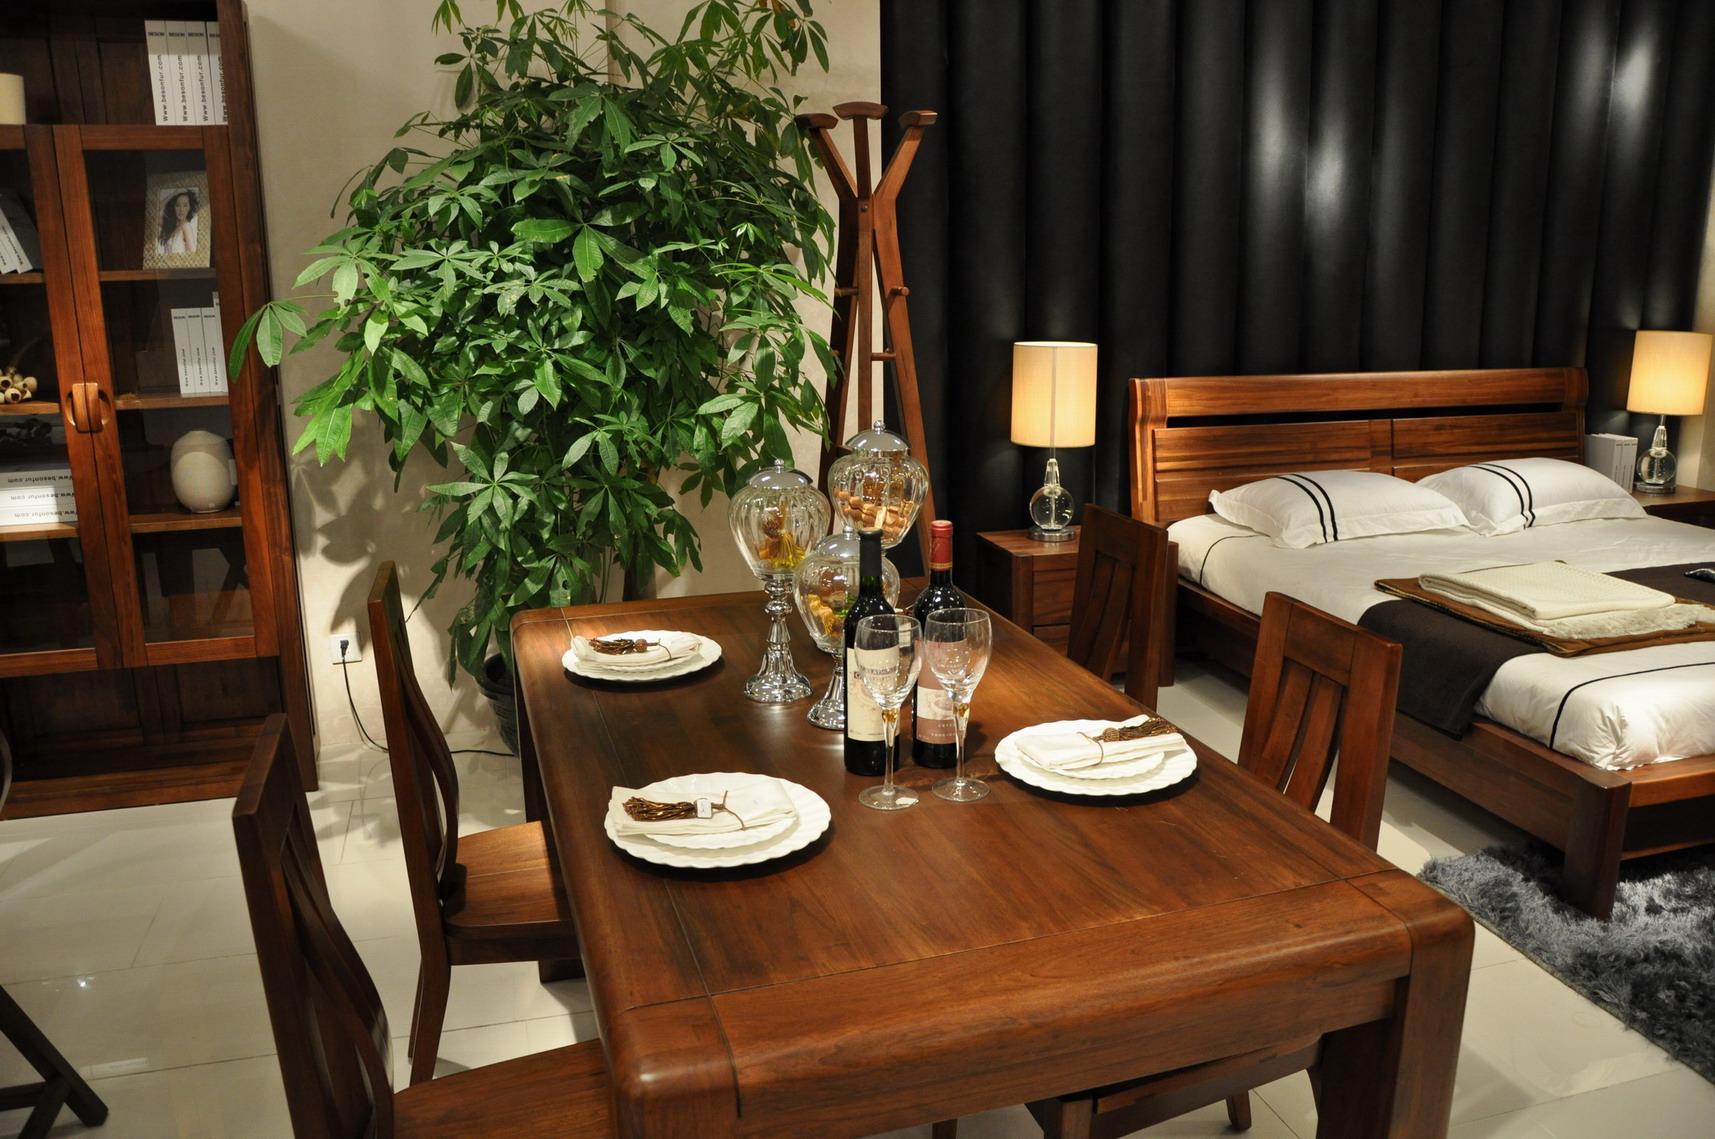 柏森家具柏森ld系列胡桃木家具t311餐台实木餐桌 饭桌子专柜正品商品图片